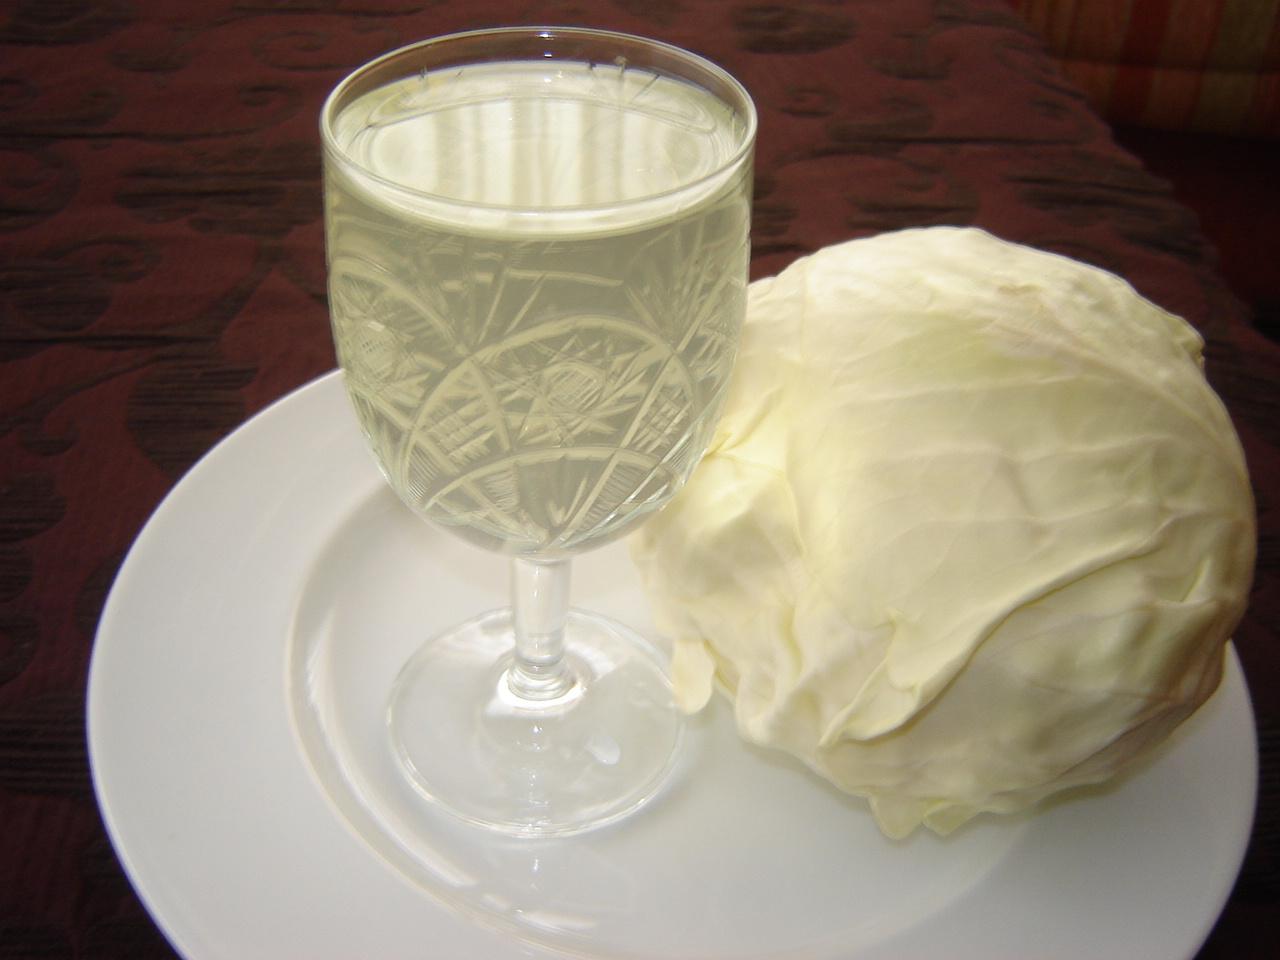 Zayıflama için sebze çorbası kullanırız. reçete